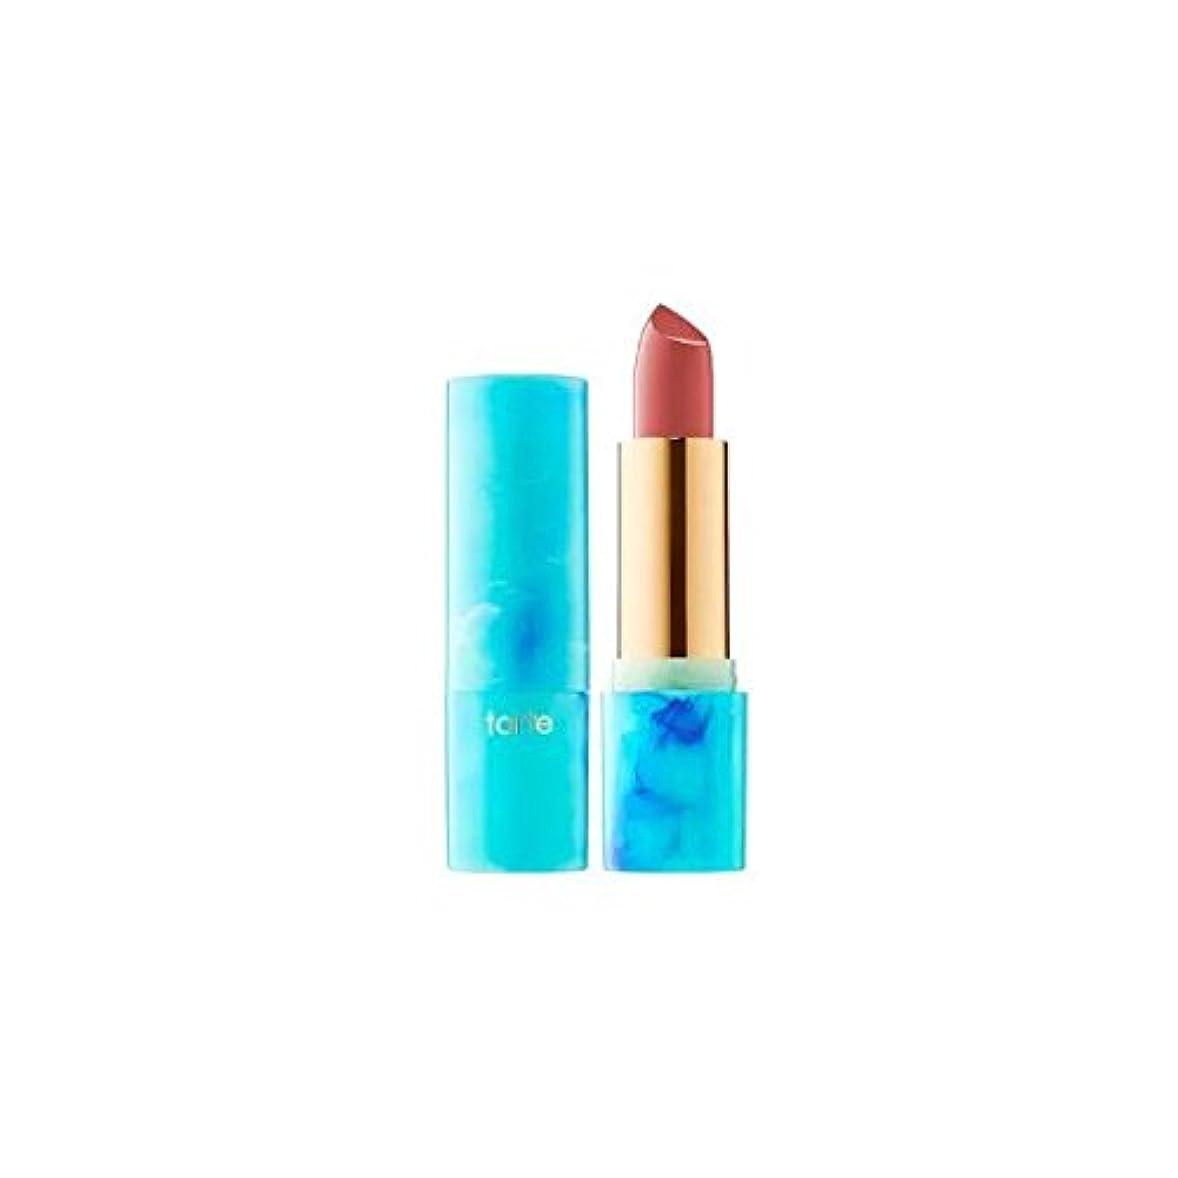 想像する合金固執tarteタルト リップ Color Splash Lipstick - Rainforest of the Sea Collection Satin finish